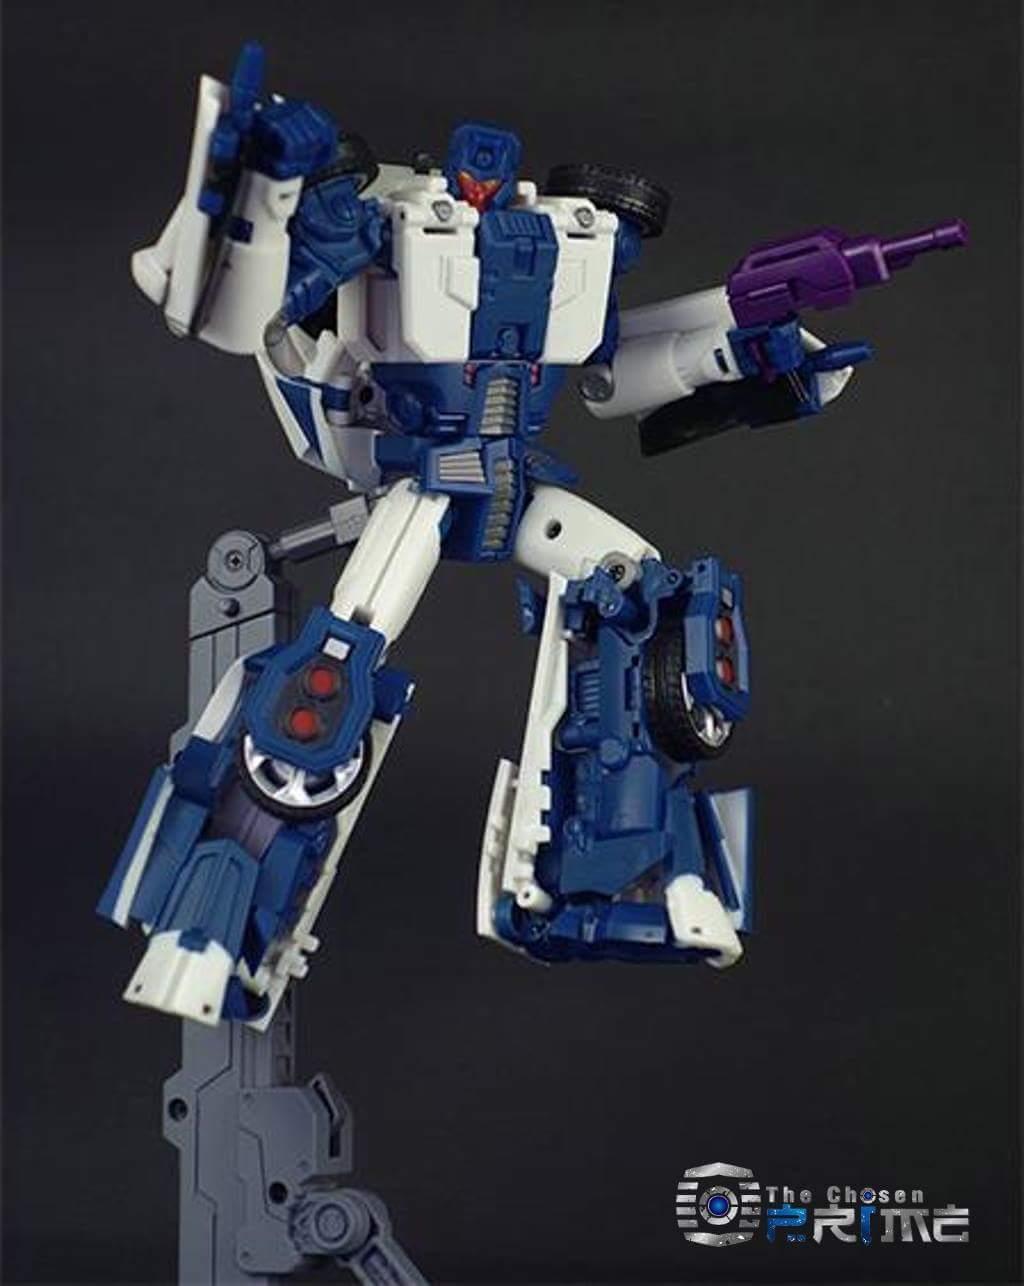 [Transform Mission] Produit Tiers - Jouet M-01 AutoSamurai - aka Menasor/Menaseur des BD IDW - Page 2 Agy2BAwY